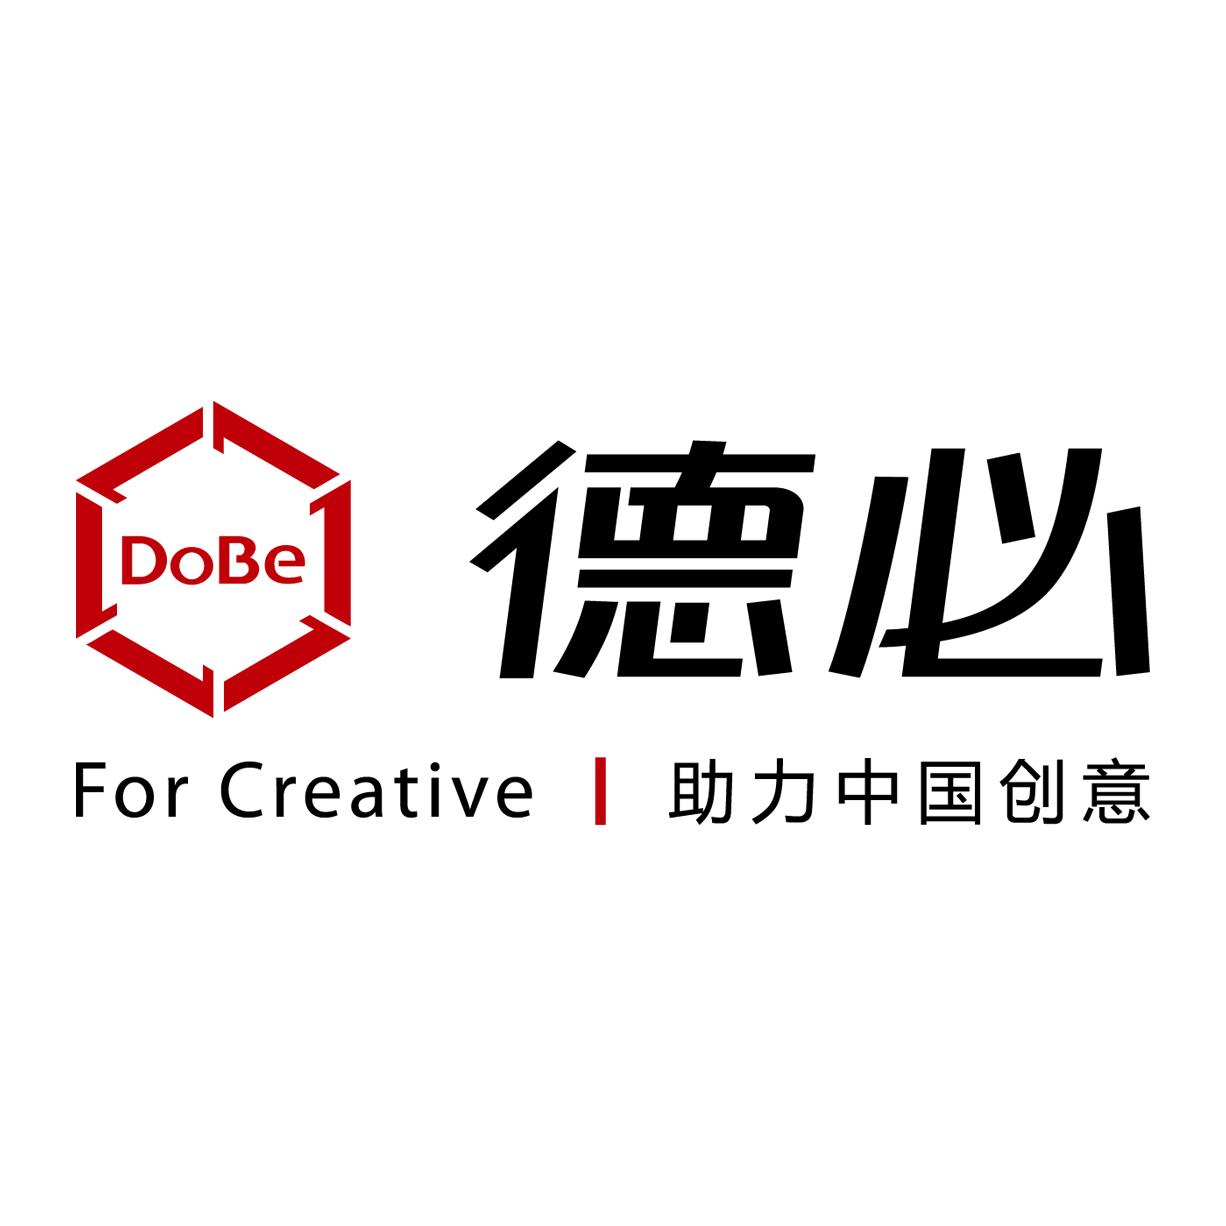 德必集团 DoBe Group